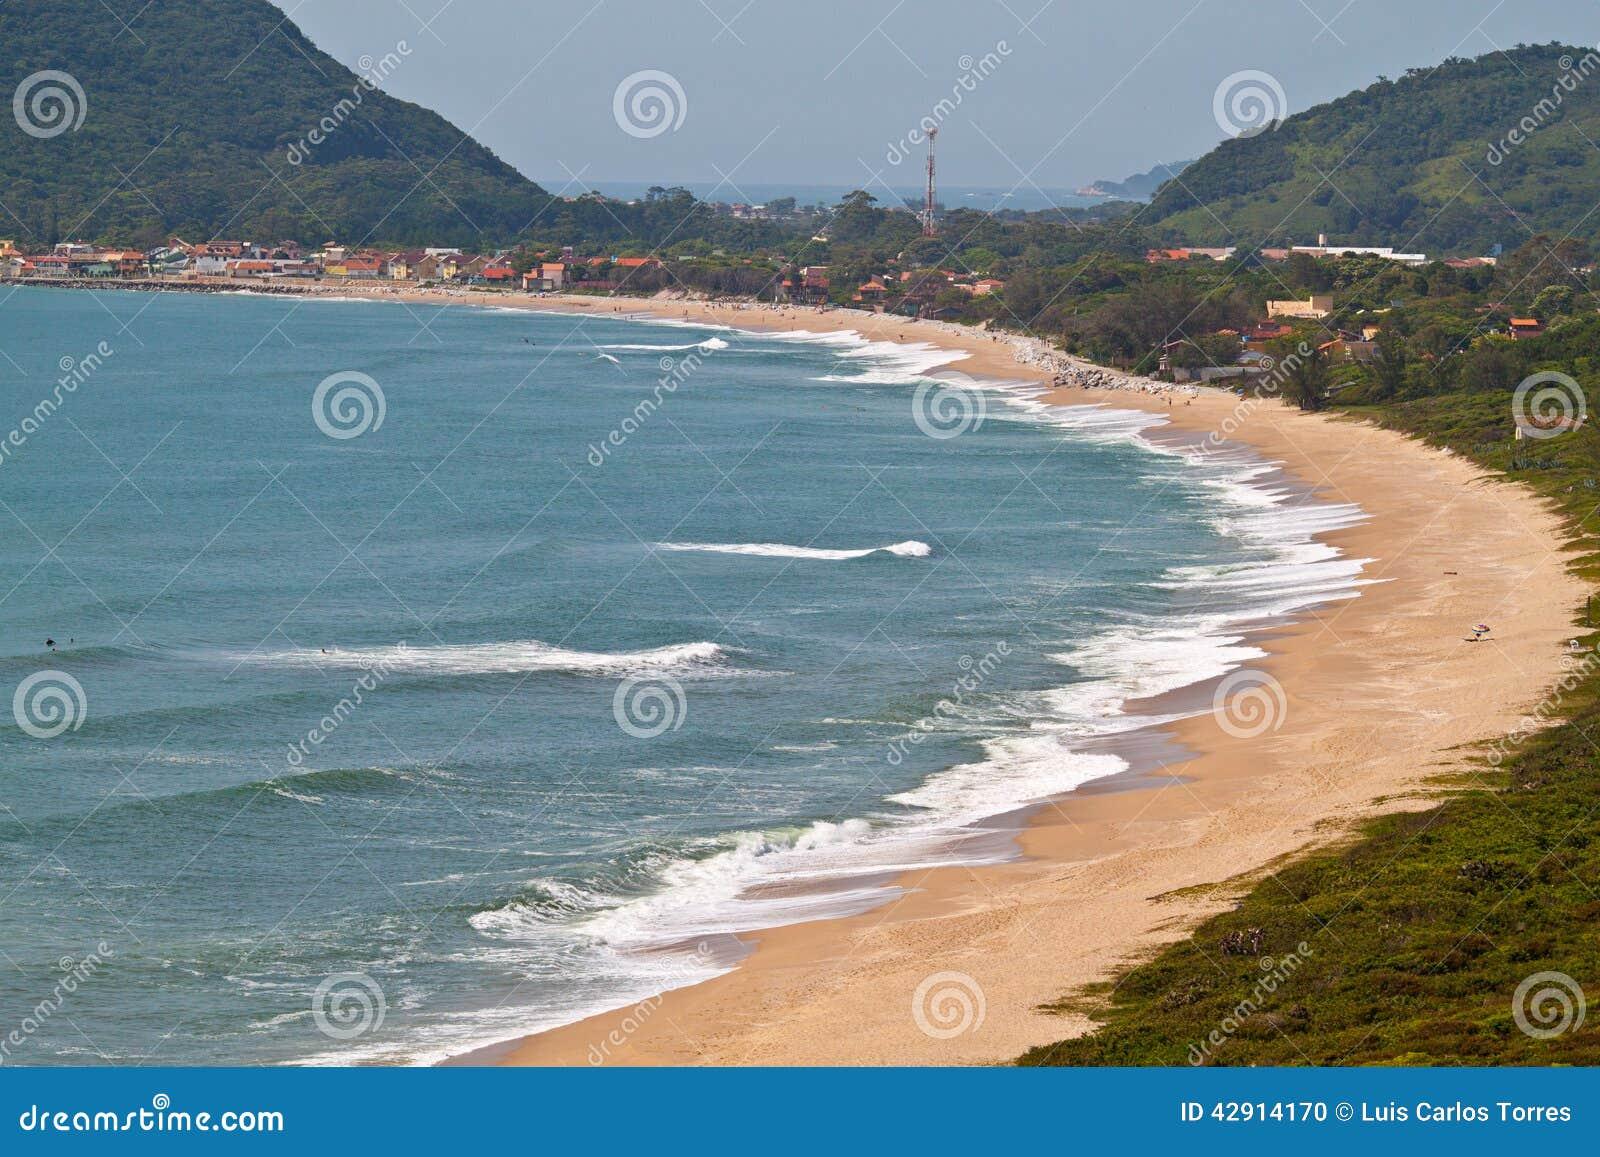 Praia de Armacao em Florianopolis - Brasil